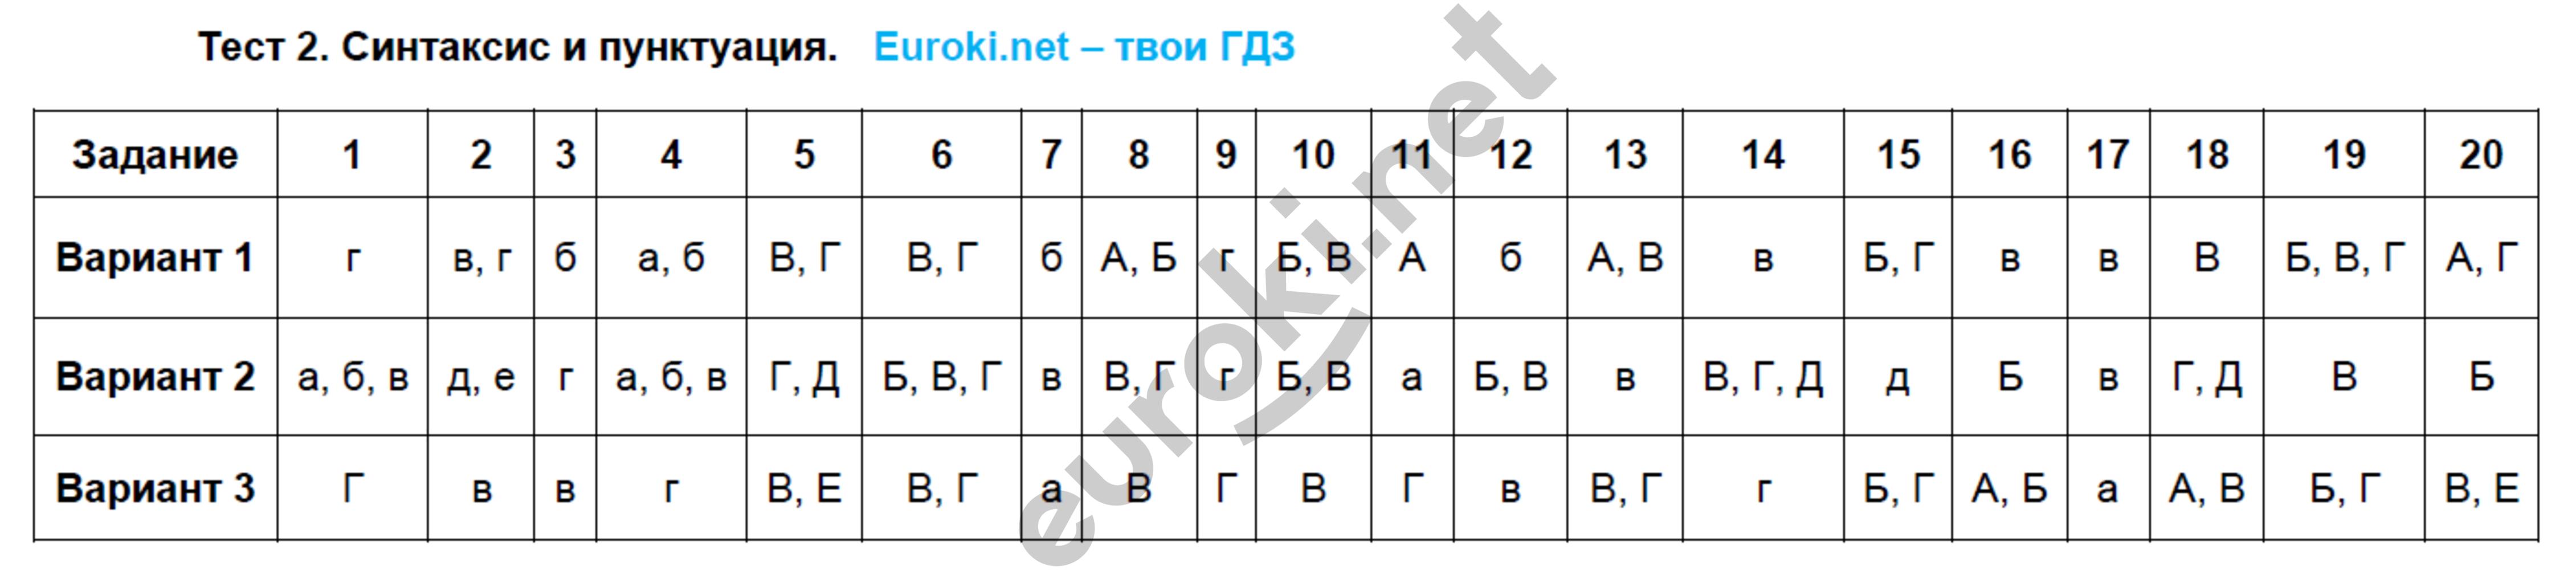 ГДЗ по русскому языку 5 класс тесты Малюшкин. Задание: Тест 2. Синтаксис и пунктуация